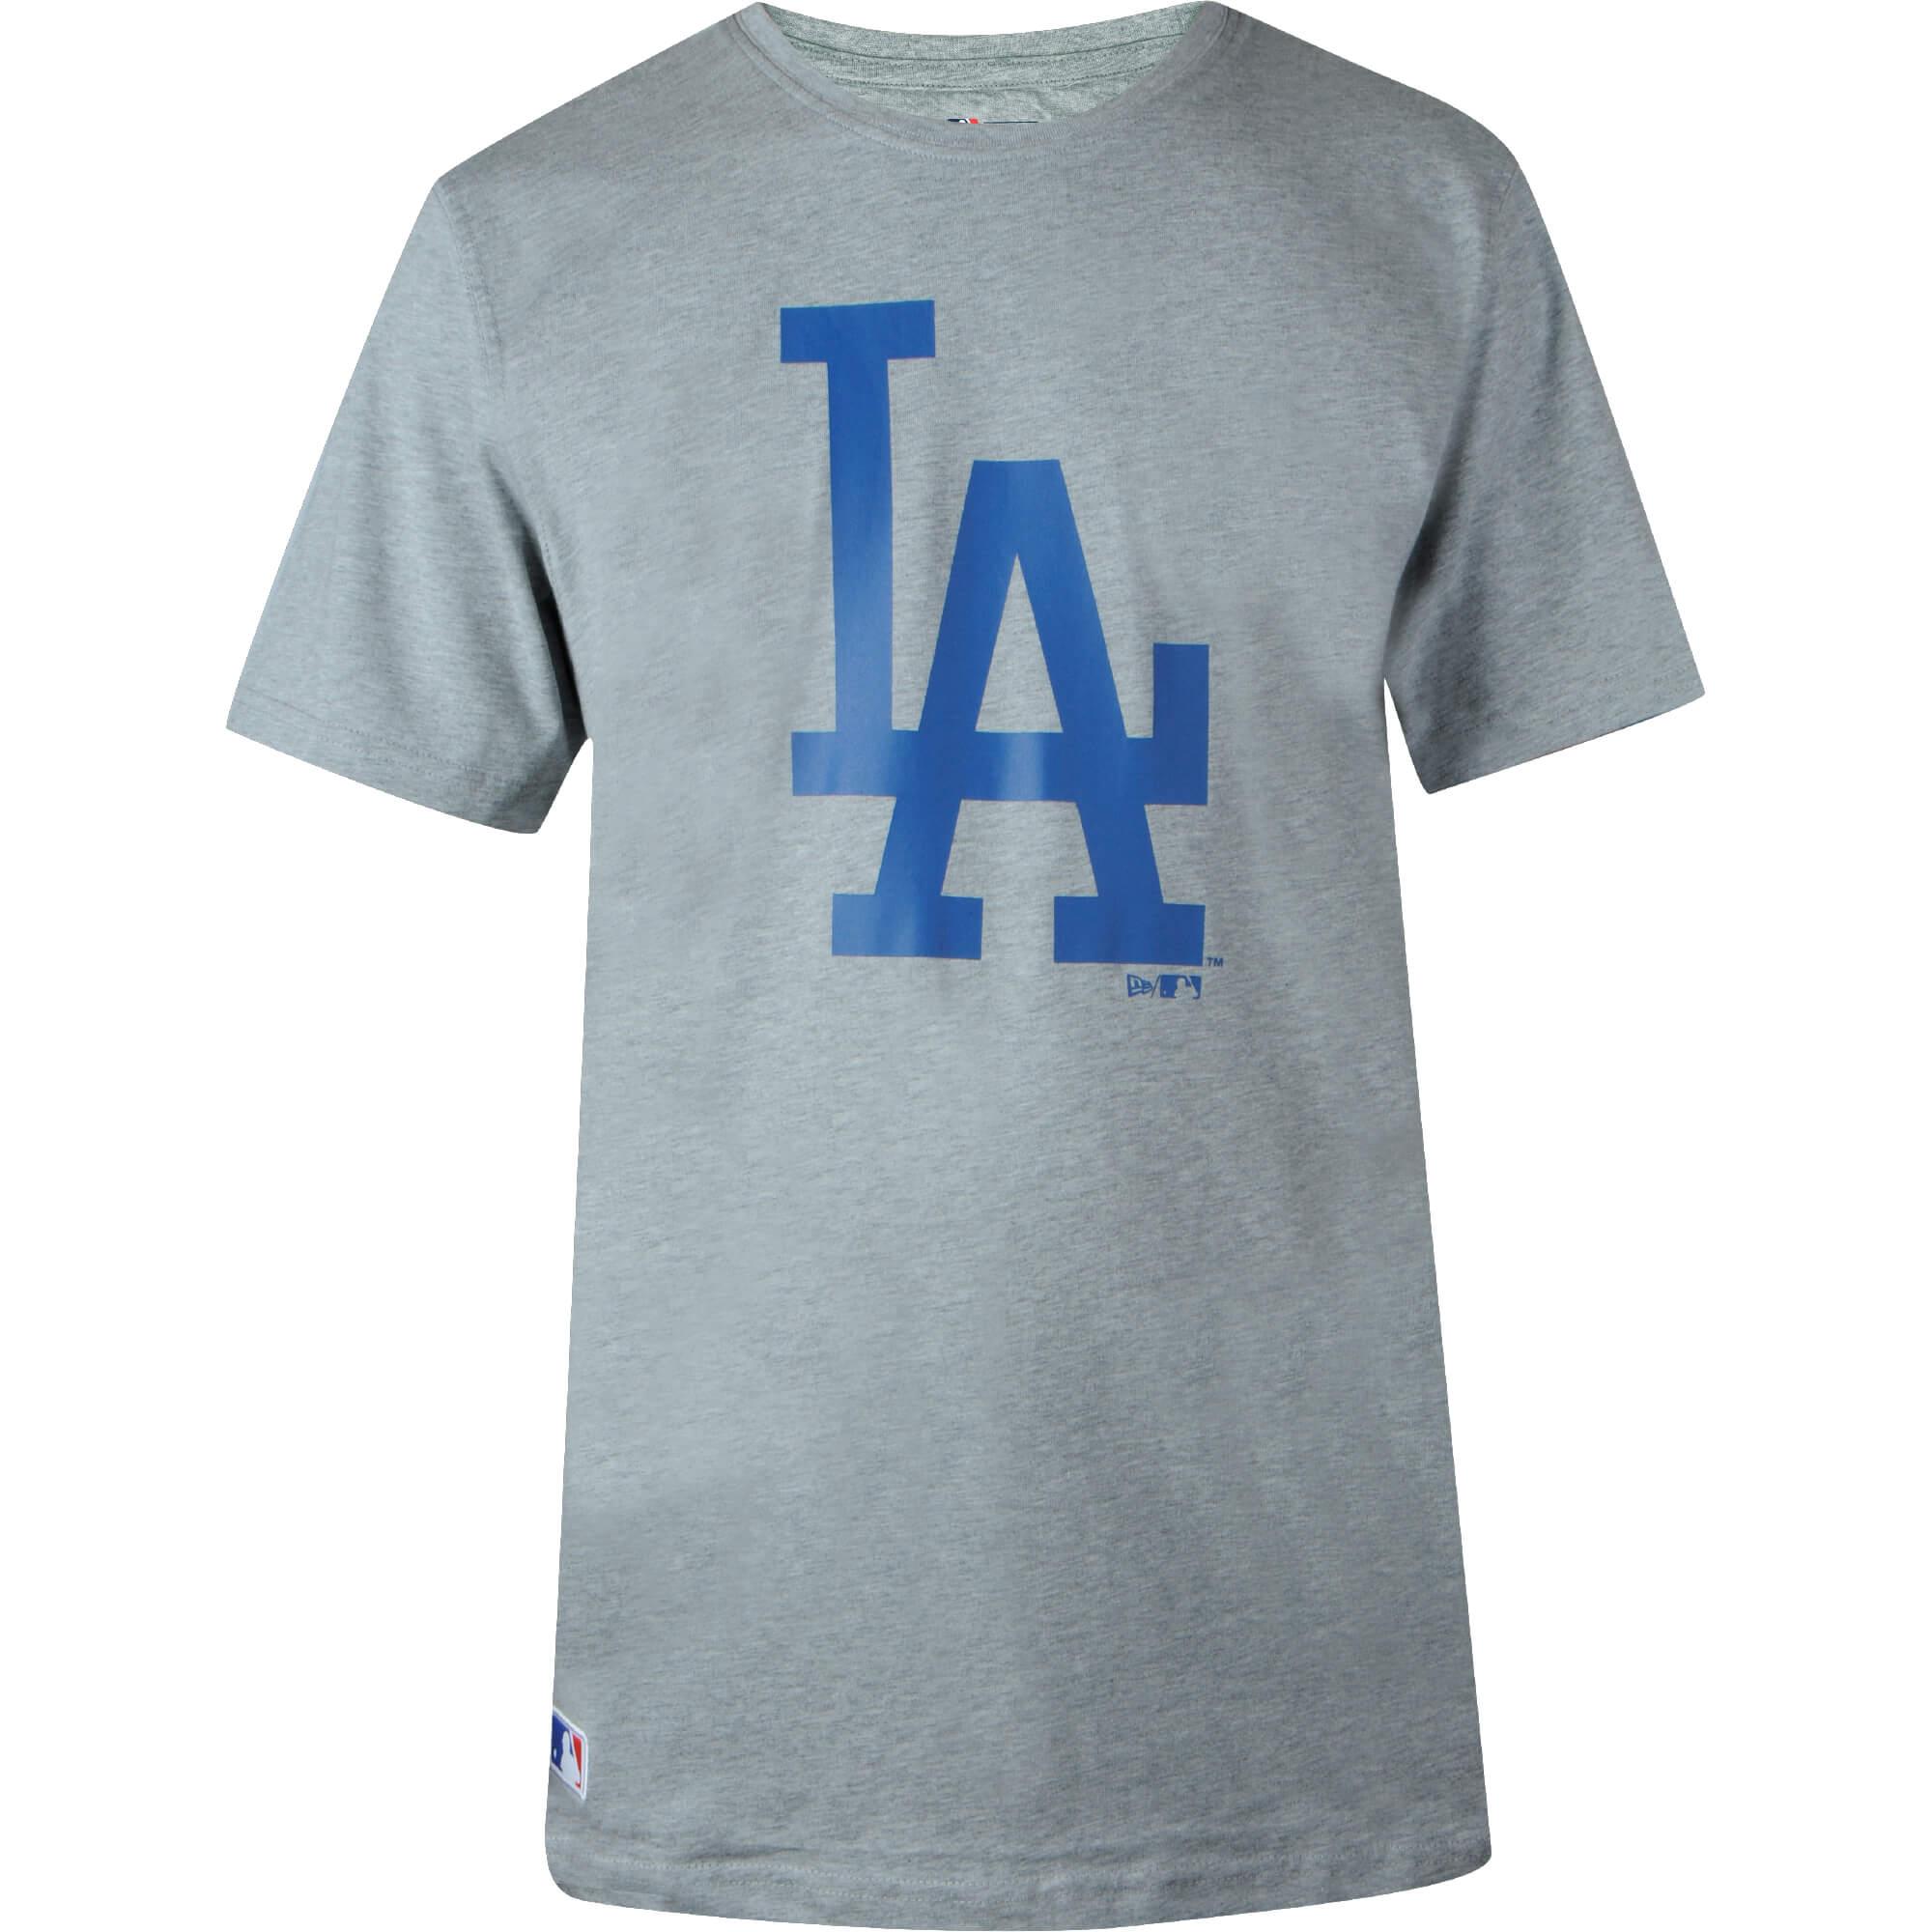 LA Dodgers New Era Oferta